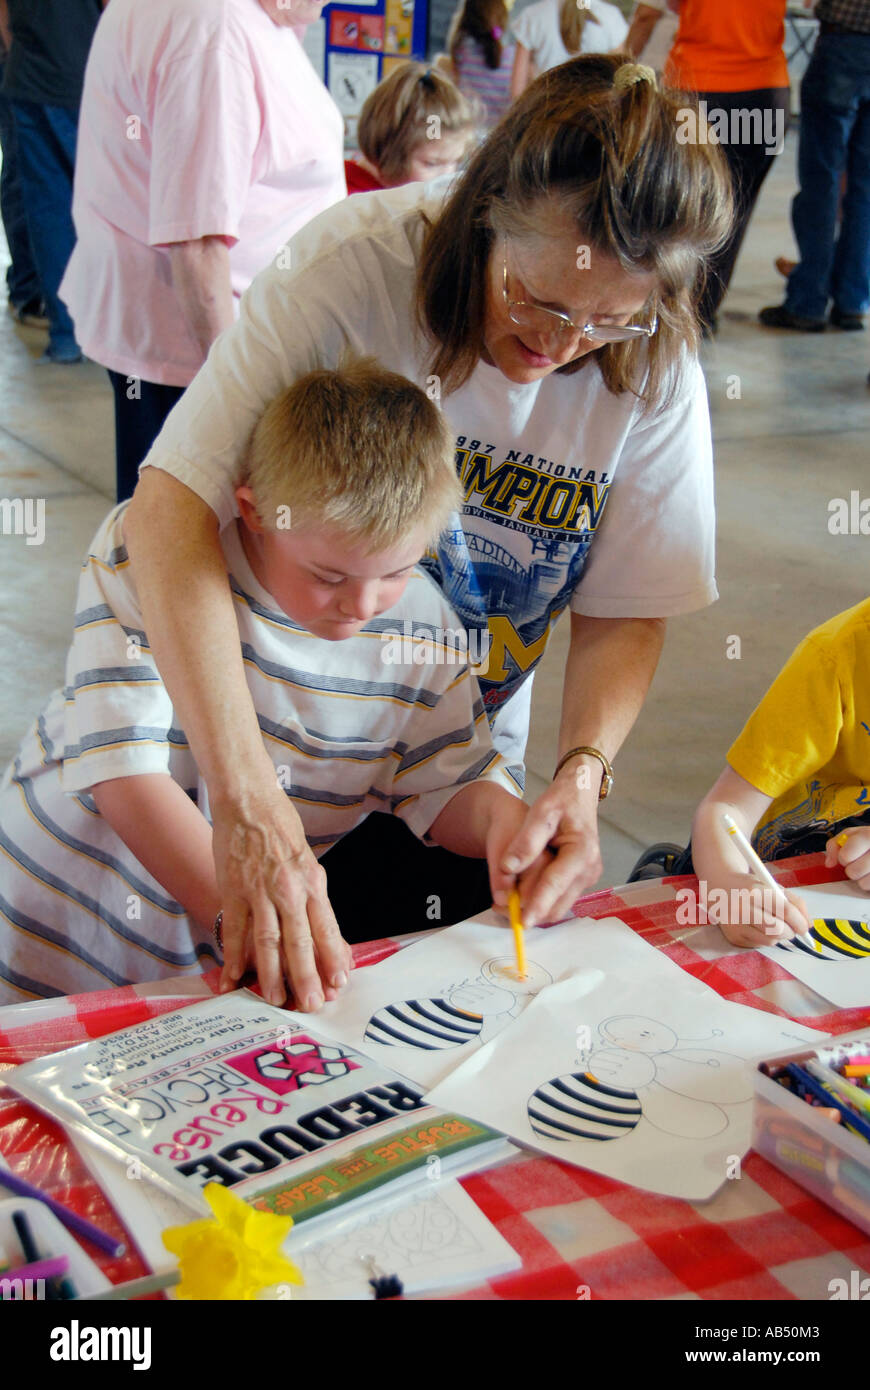 Los jóvenes con discapacidades mentales colores un abejorro en el Festival del Día de la tierra invita a niños y adultos a aprender sobre la ecología Imagen De Stock